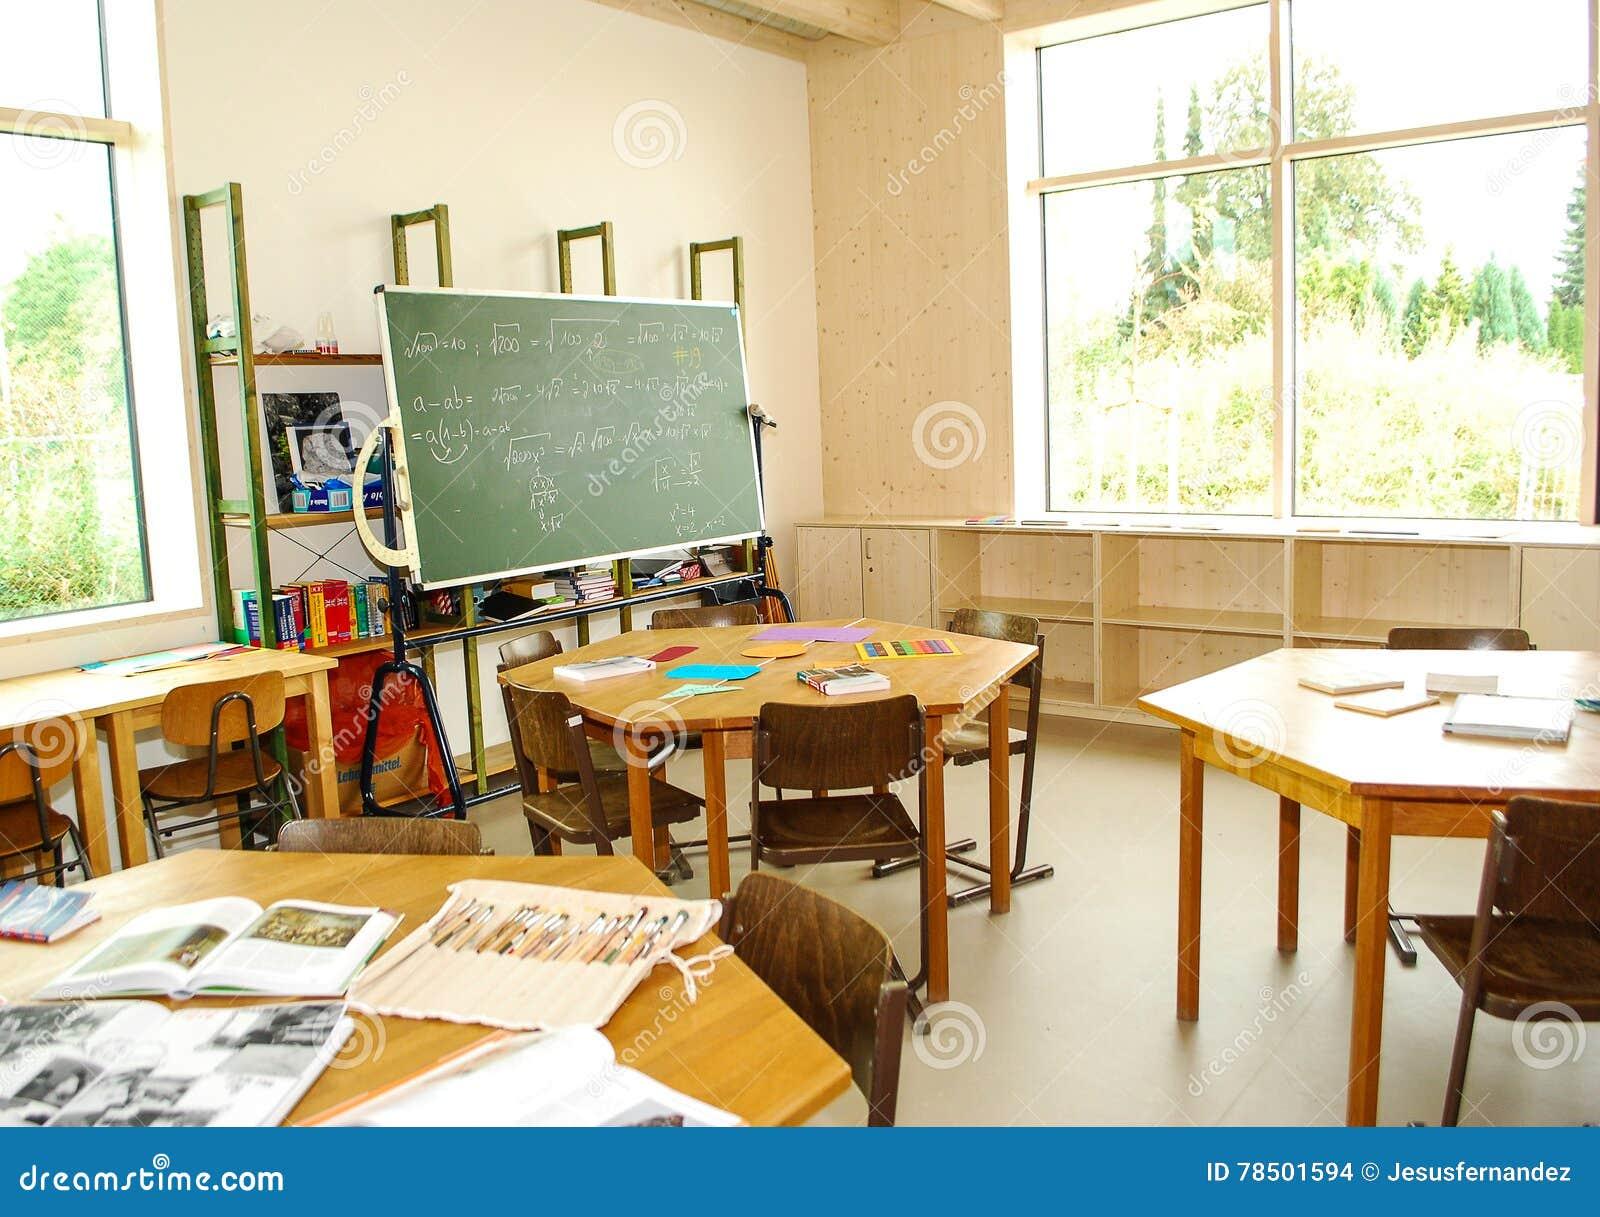 Le matériel didactique se trouve sur des bureaux dans une classe